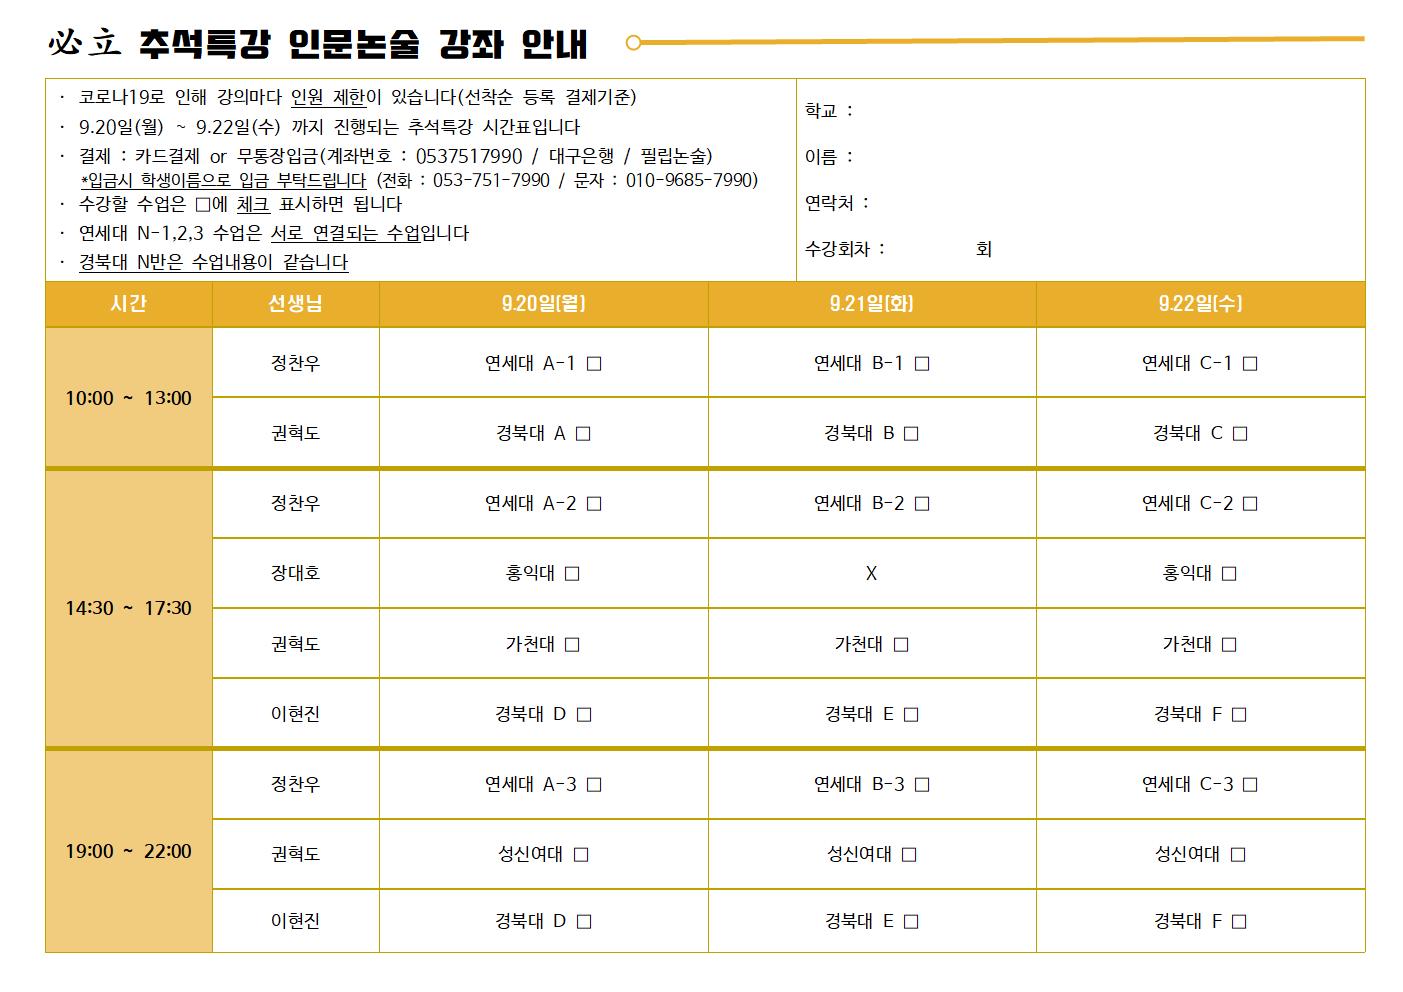 추석특강 시간표(홈페이지)001.png